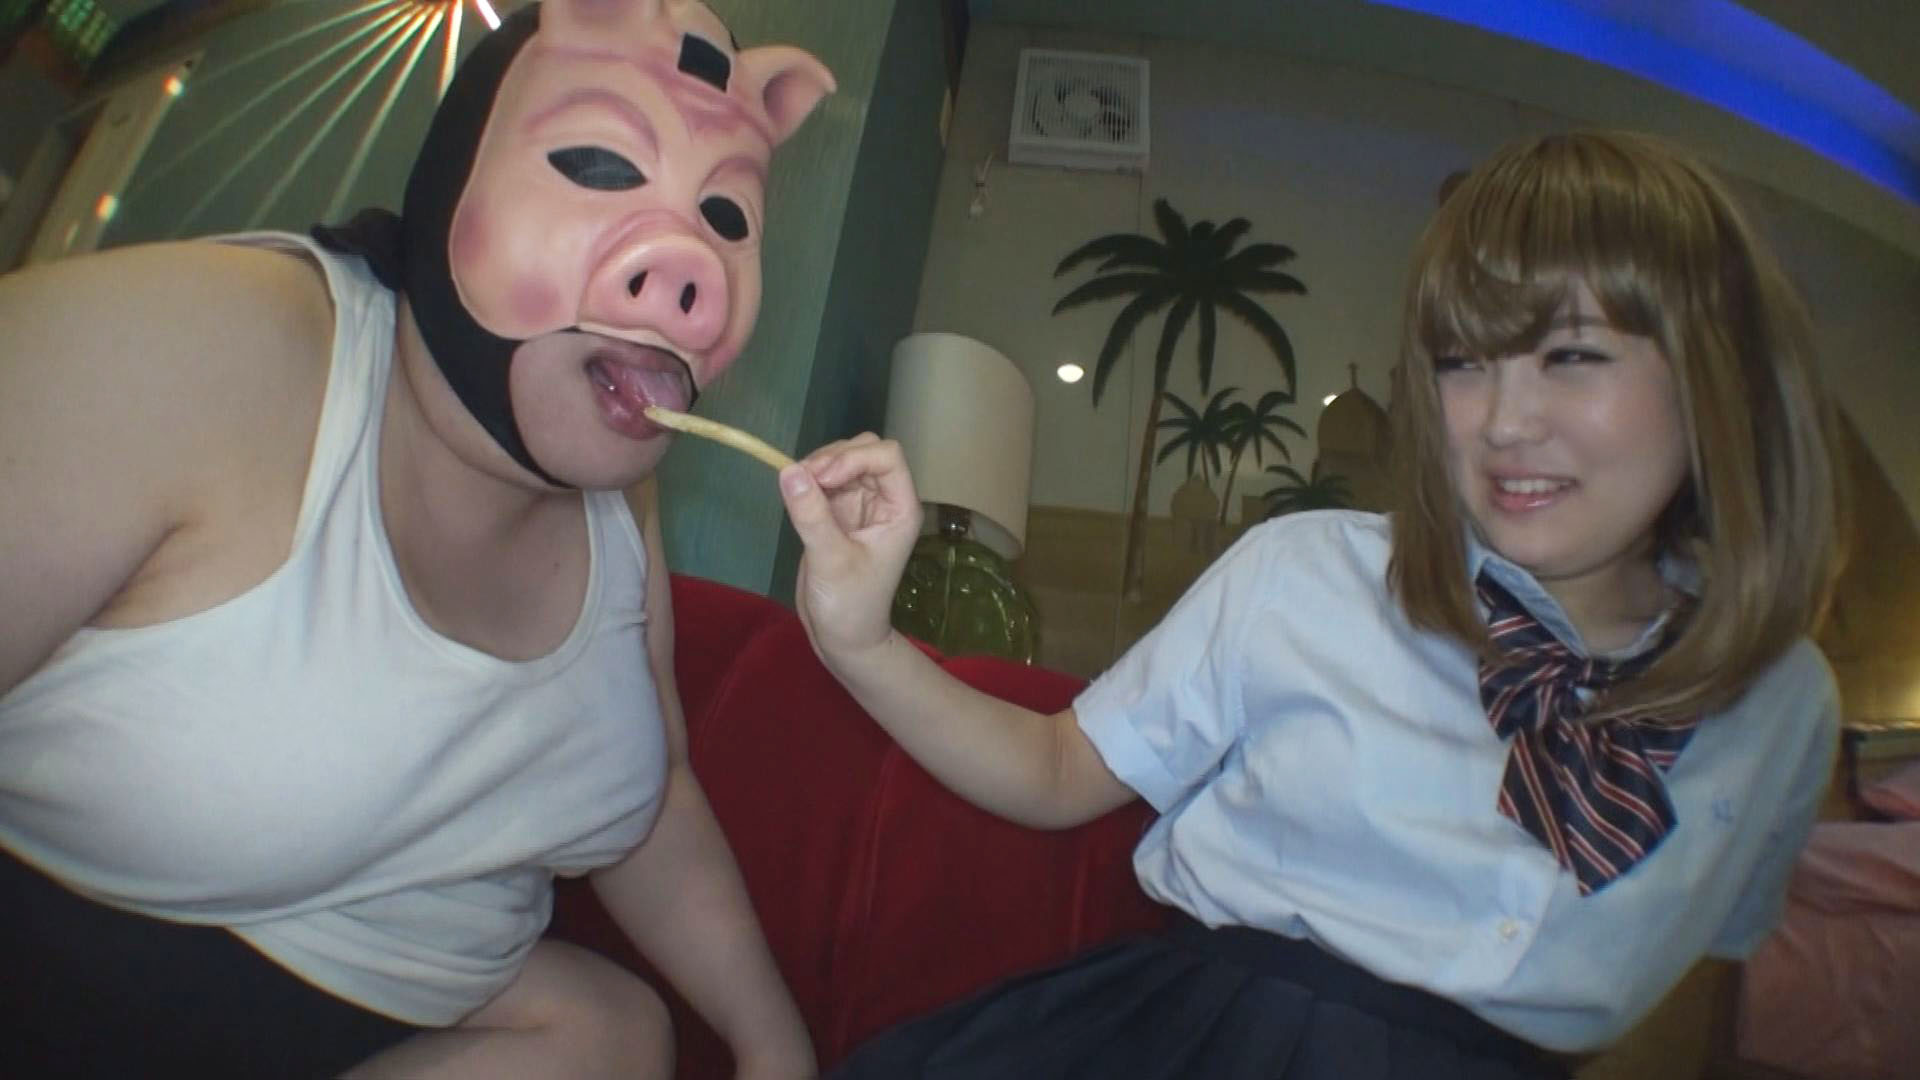 【個撮¥キモ男】ヒナ【1】小さな神待ち娘とキモ豚の体重差100キロSEX!恐怖の妹ごっこ【94分】